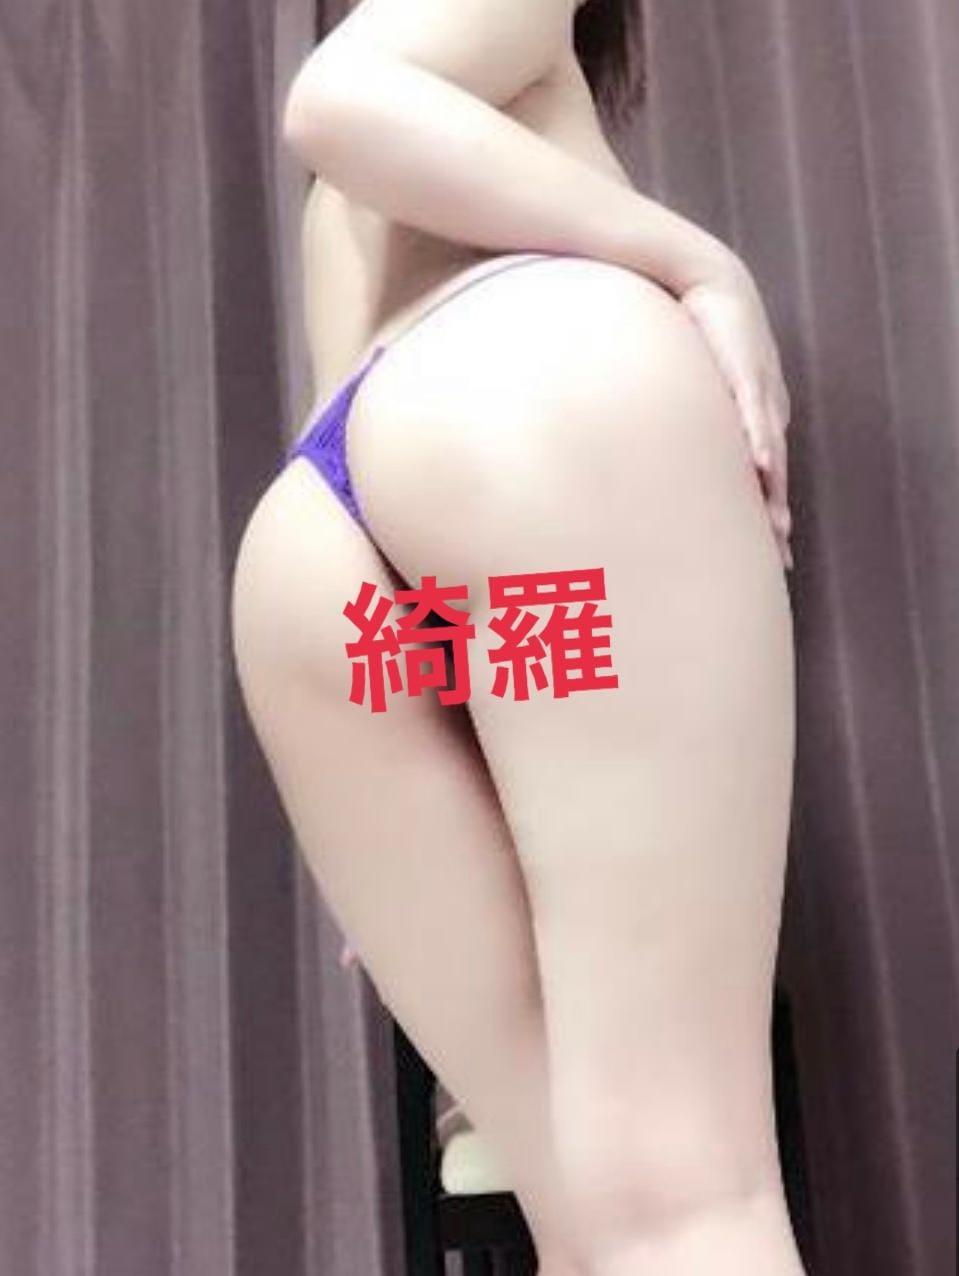 「☆ また…☆」10/04(木) 10:22 | 綺羅キラ M性感の写メ・風俗動画